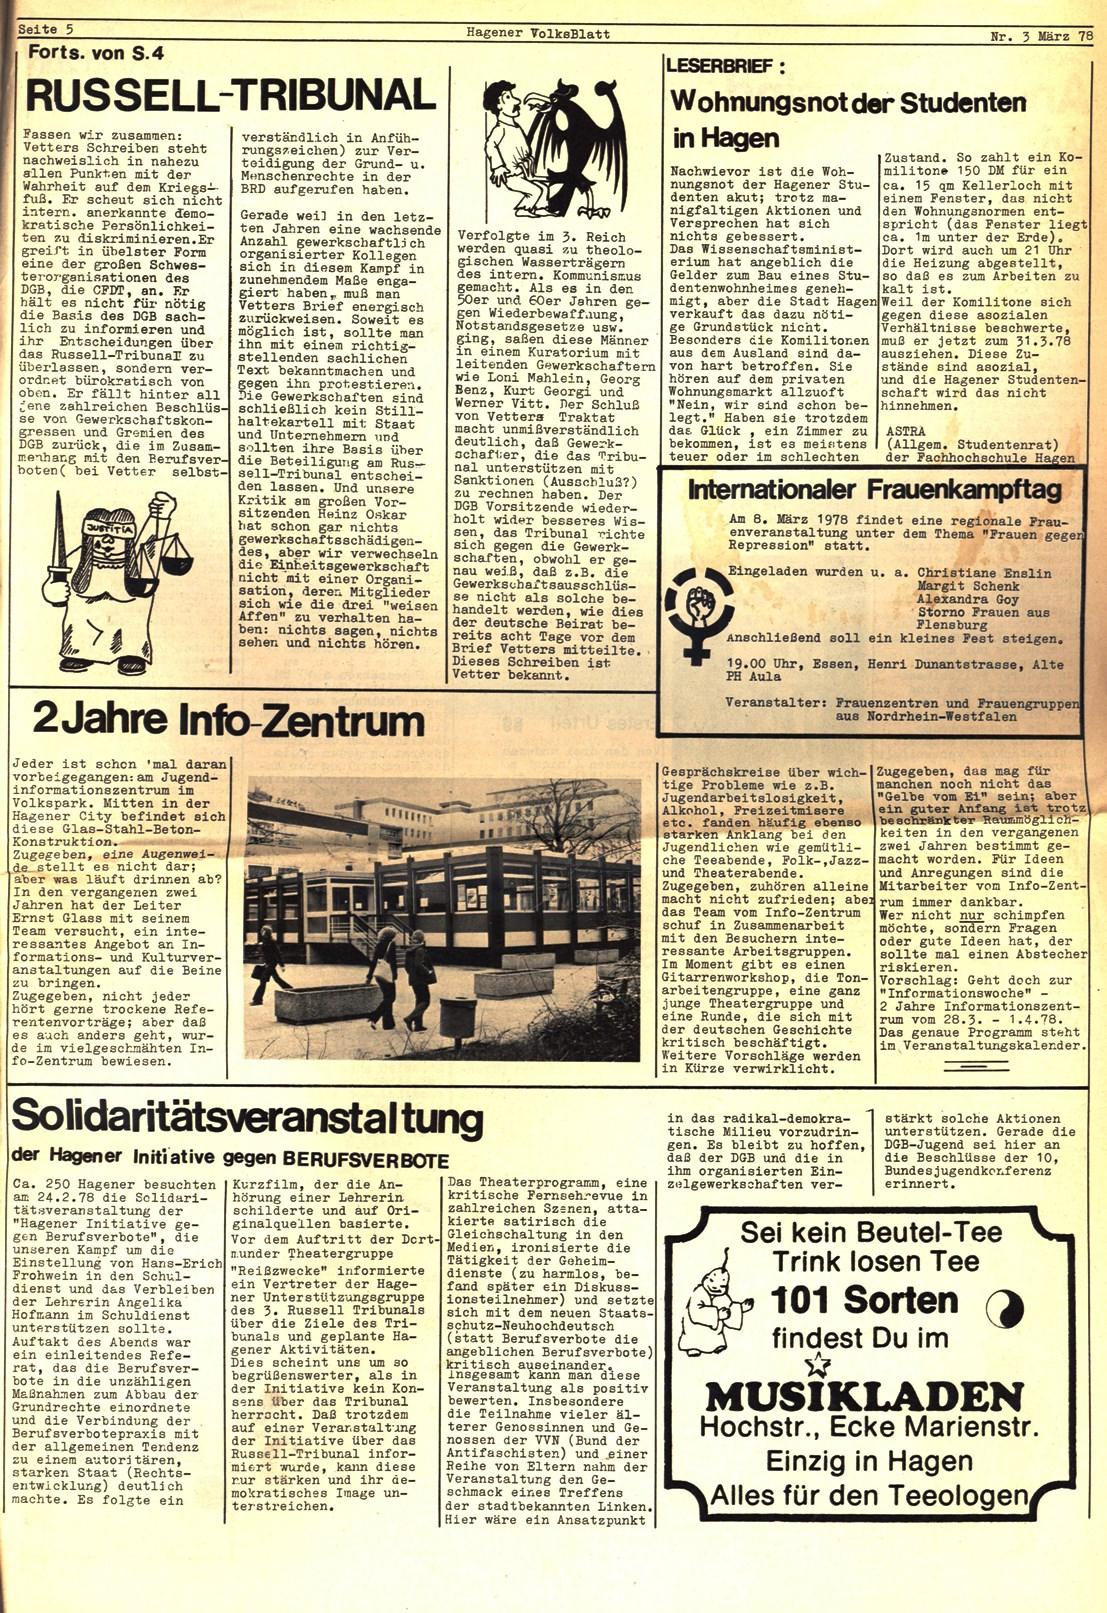 Hagen_Volksblatt_19780300_05